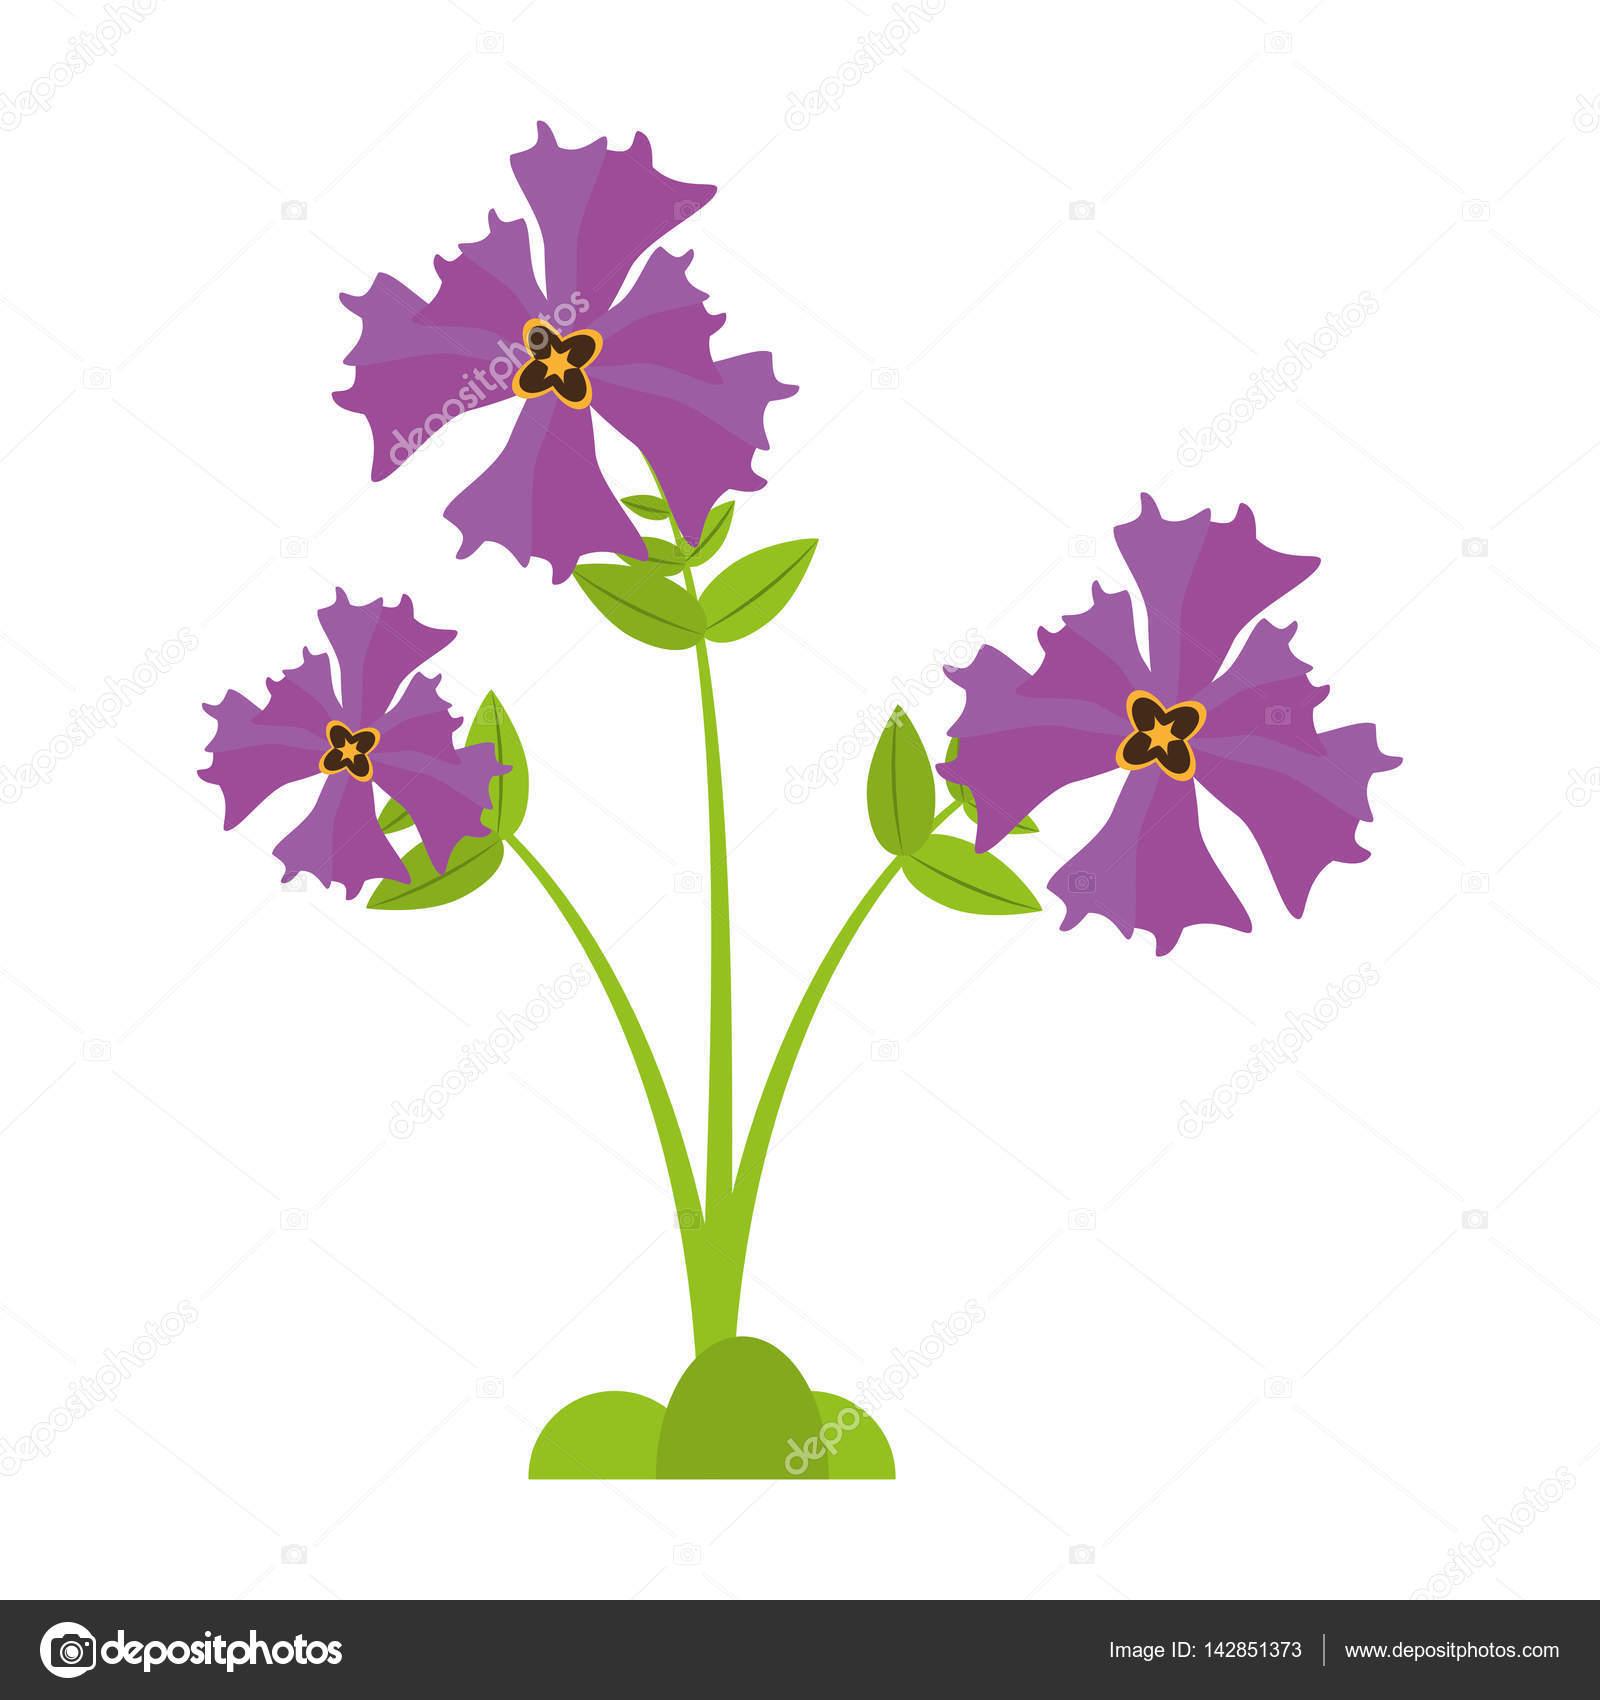 Iris flower garden botanical stock vector djv 142851373 iris flower garden botanical stock vector izmirmasajfo